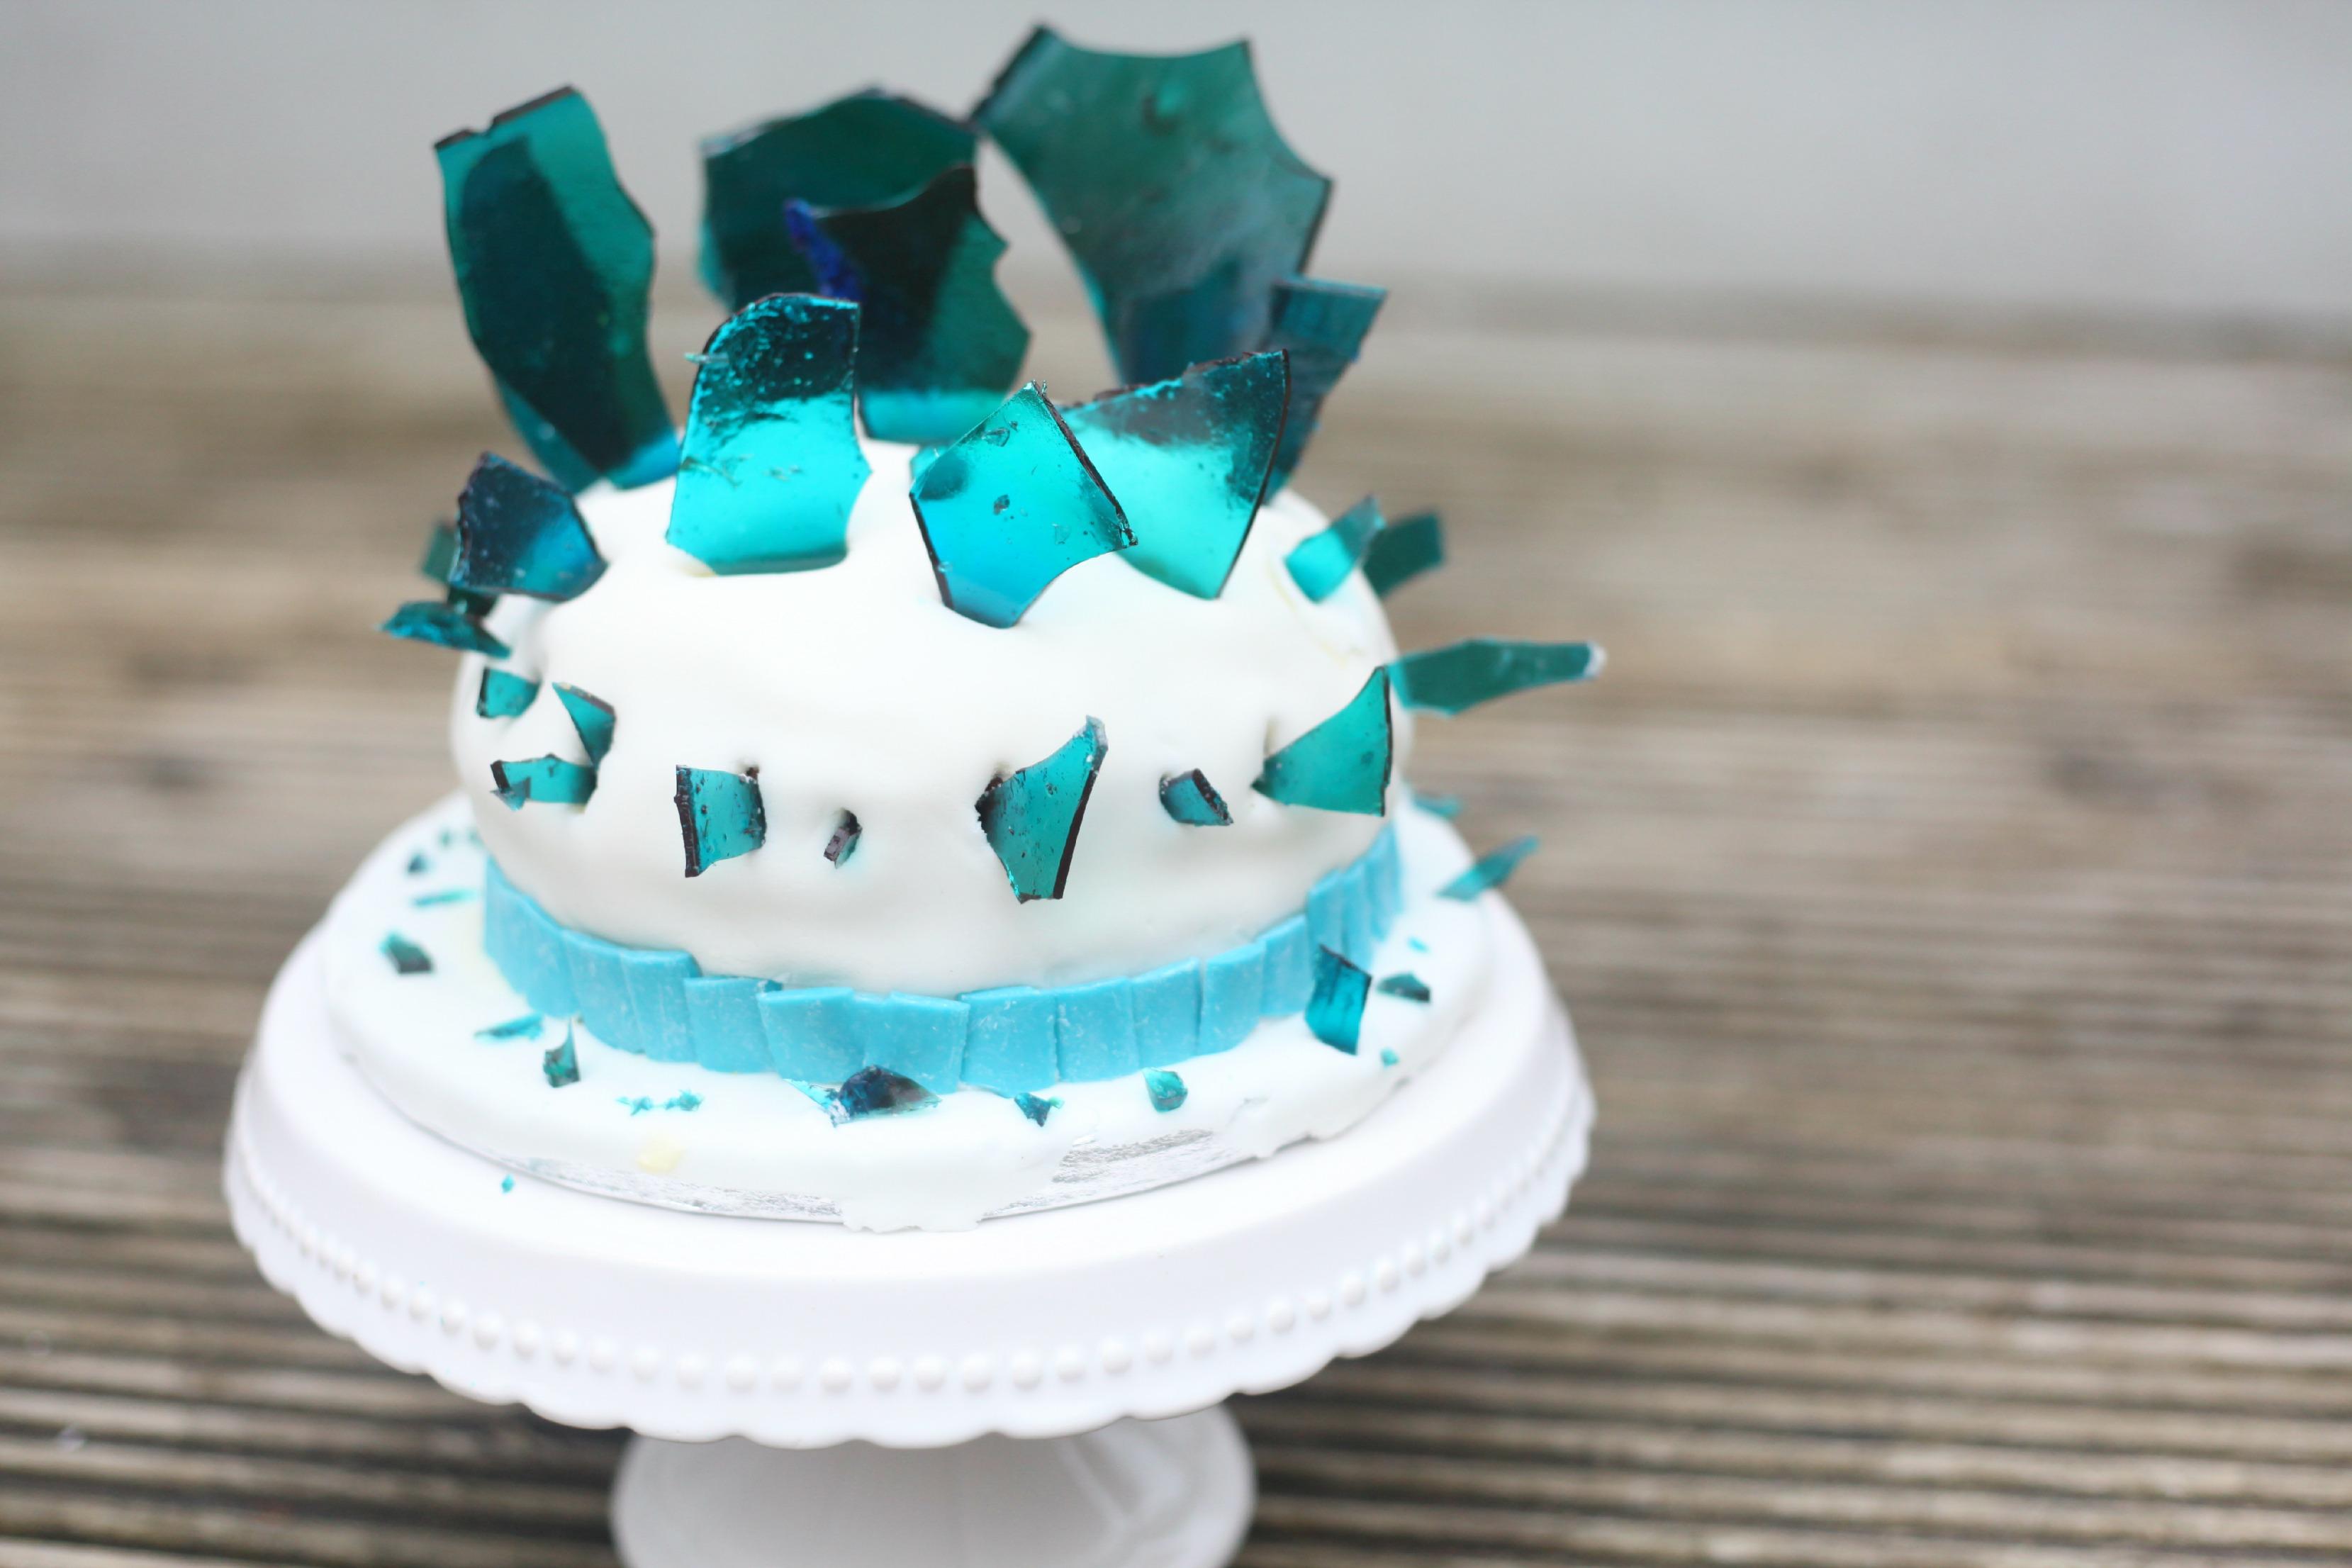 Freezable Cake Recipes Uk: Frozen Ice Cake